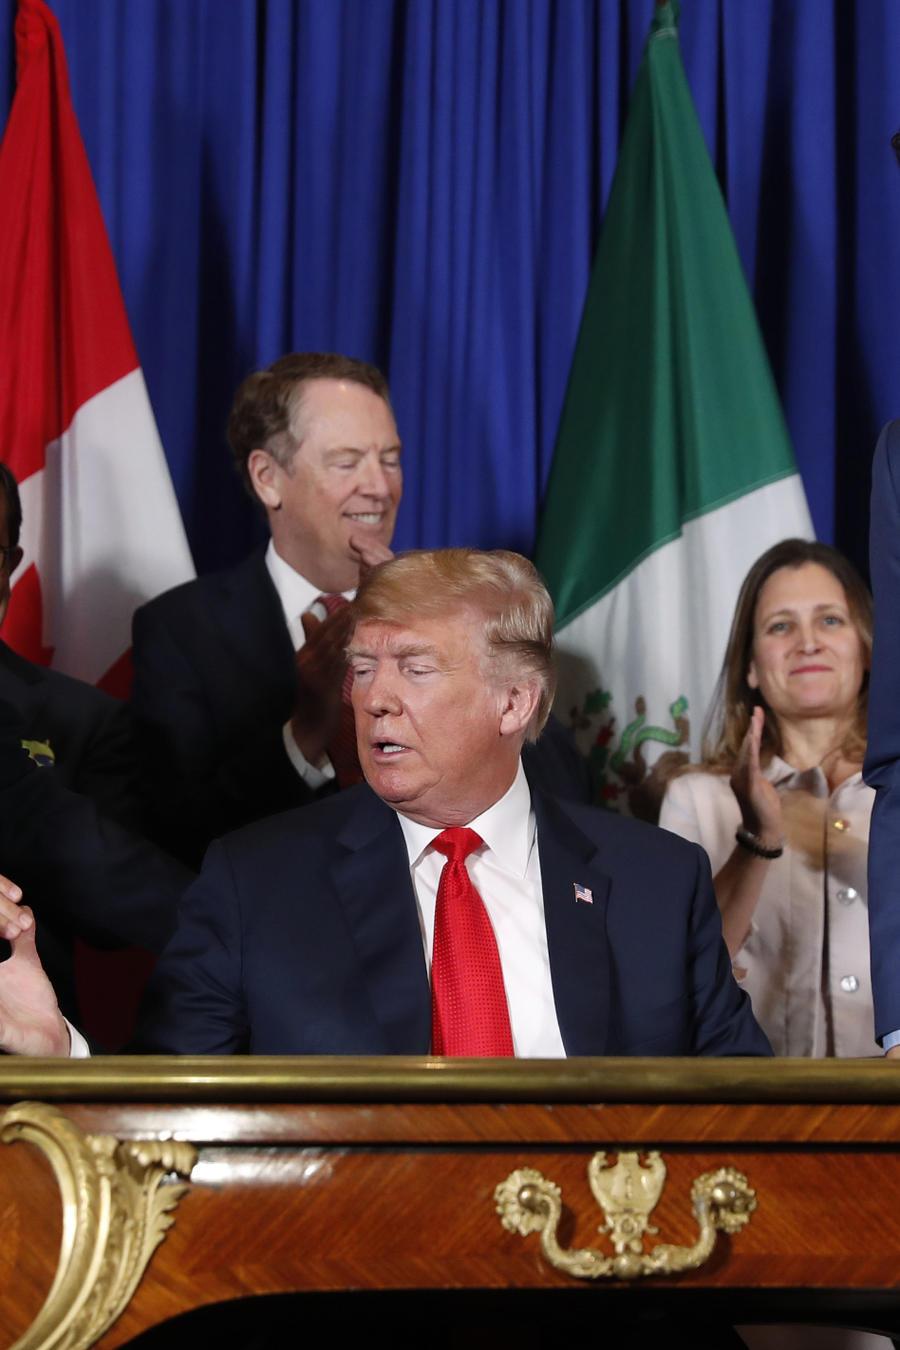 Una imagen de archivo de Trump, Peña Nieto y Trudeau a finales de 2018 en Buenos Aires, Argentina.